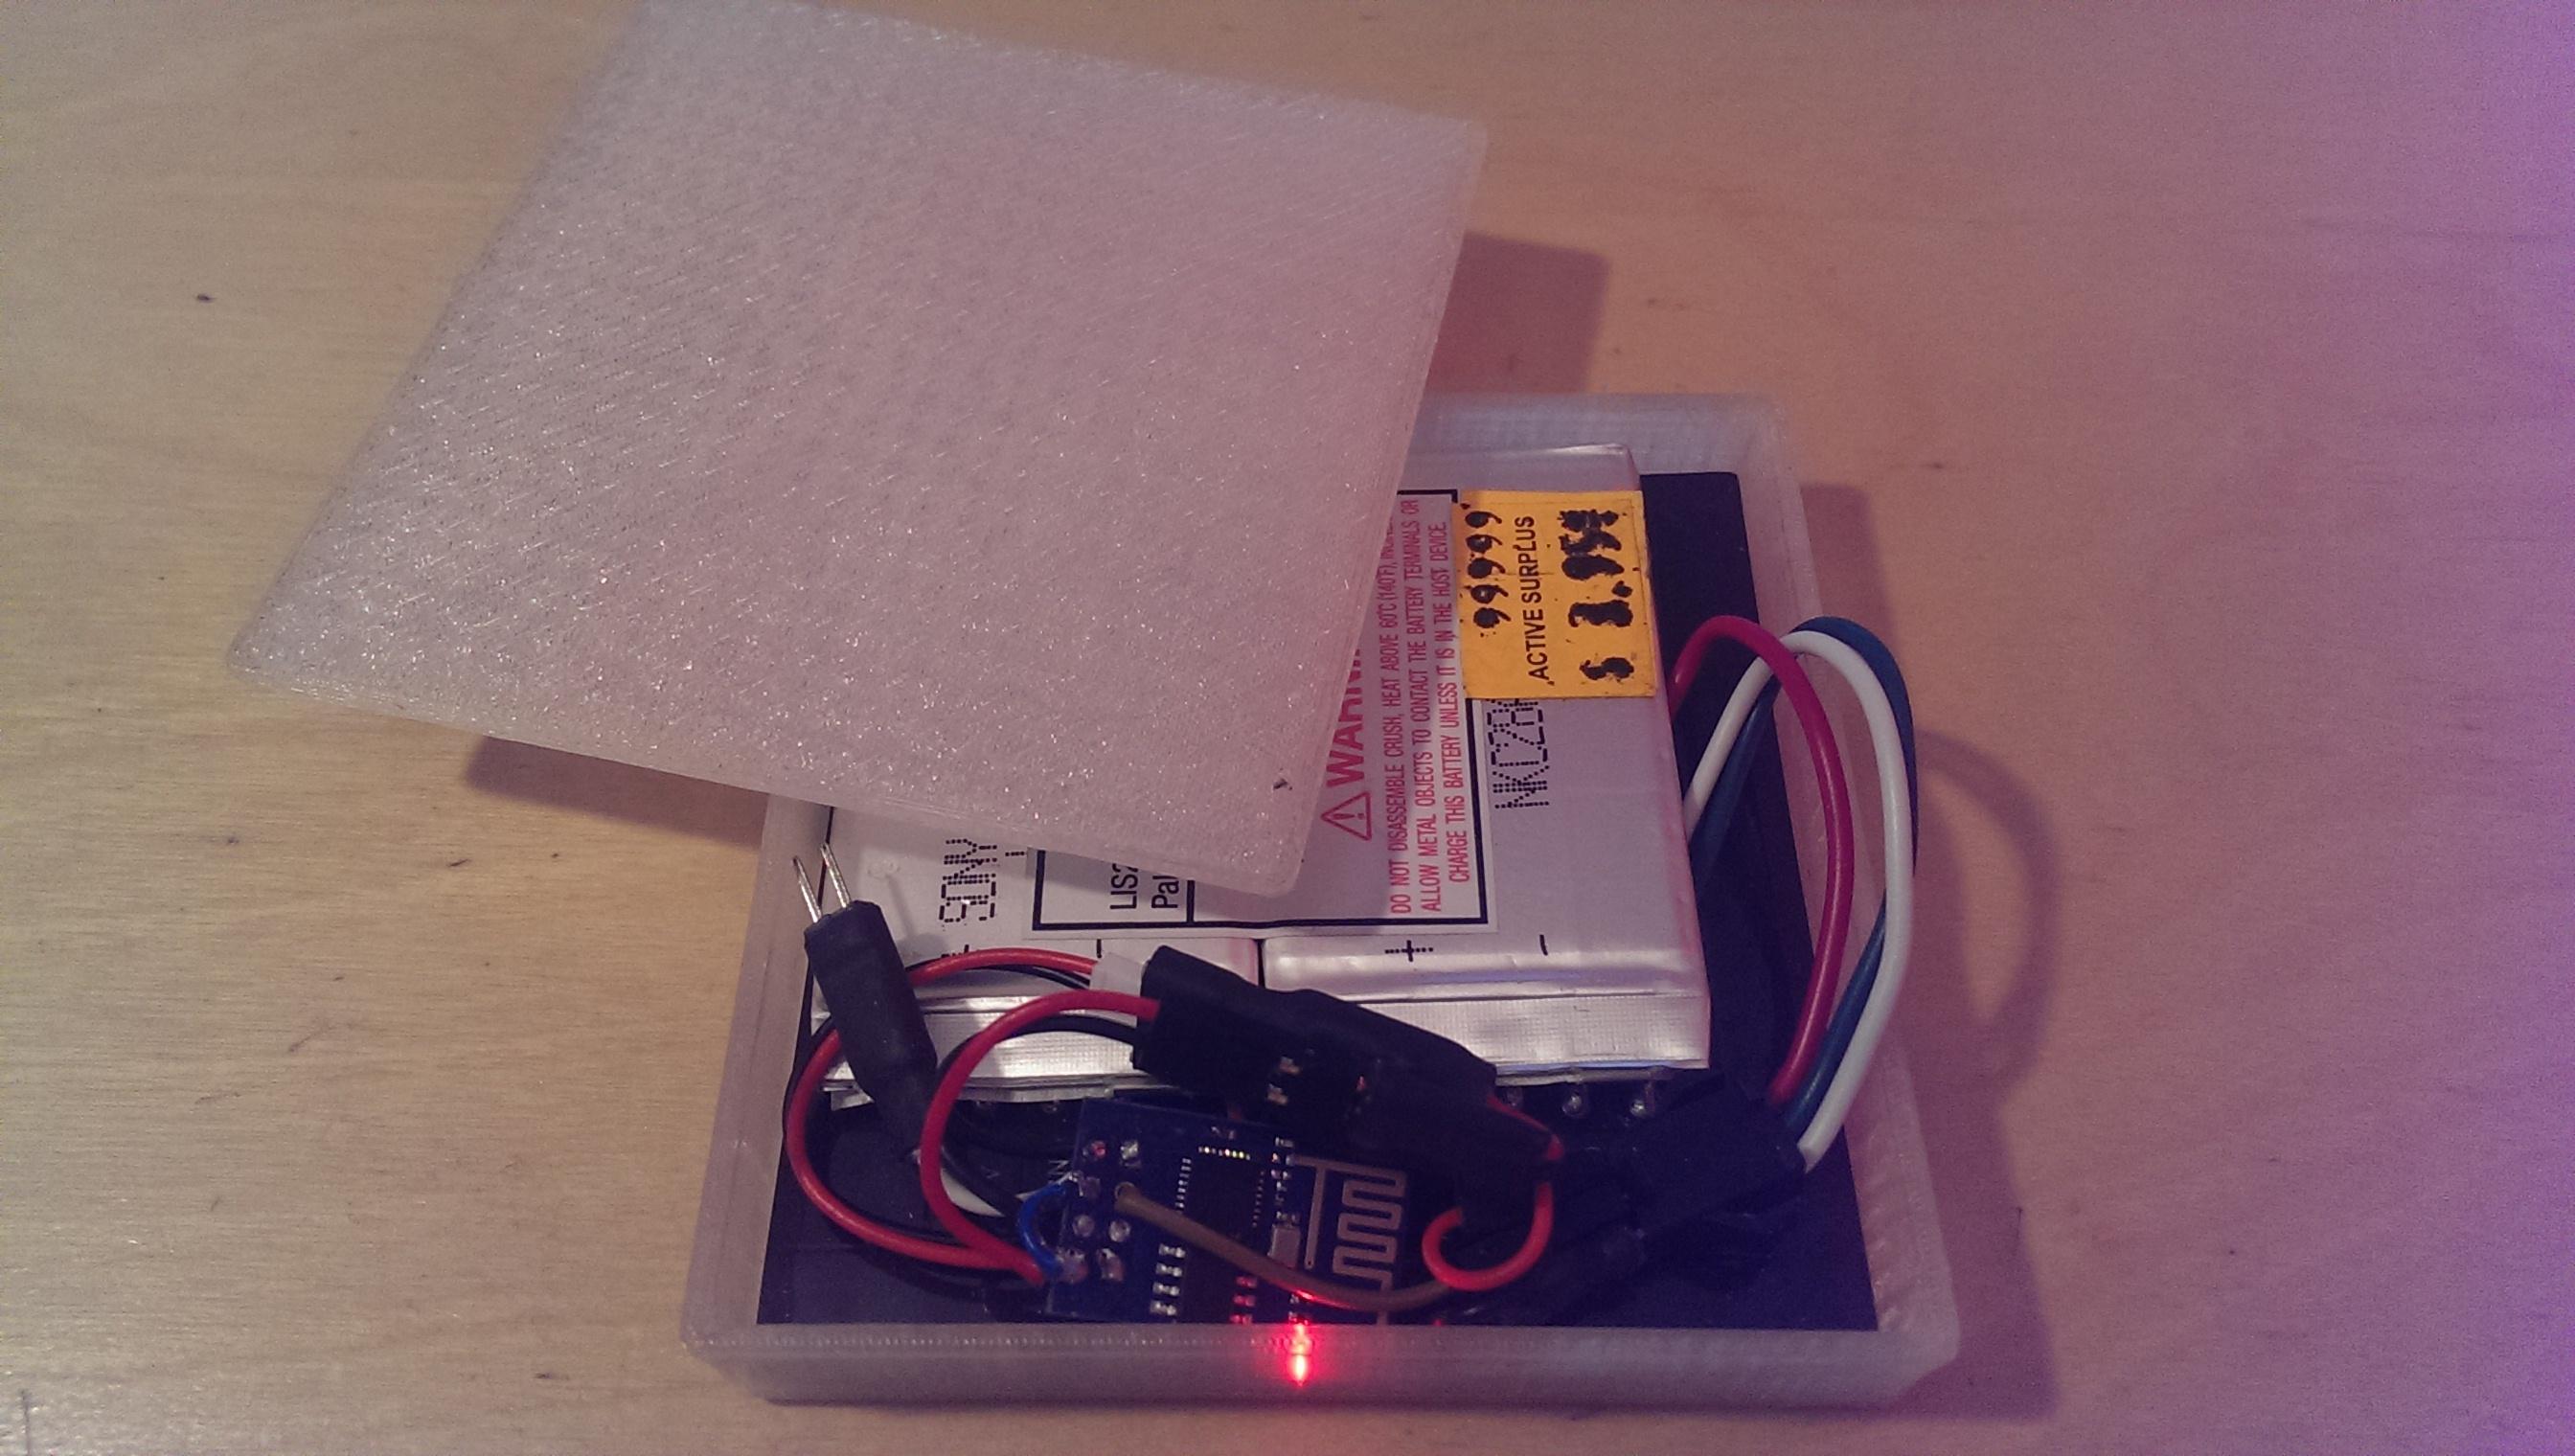 memcpy io   WS2812 LED Matrix